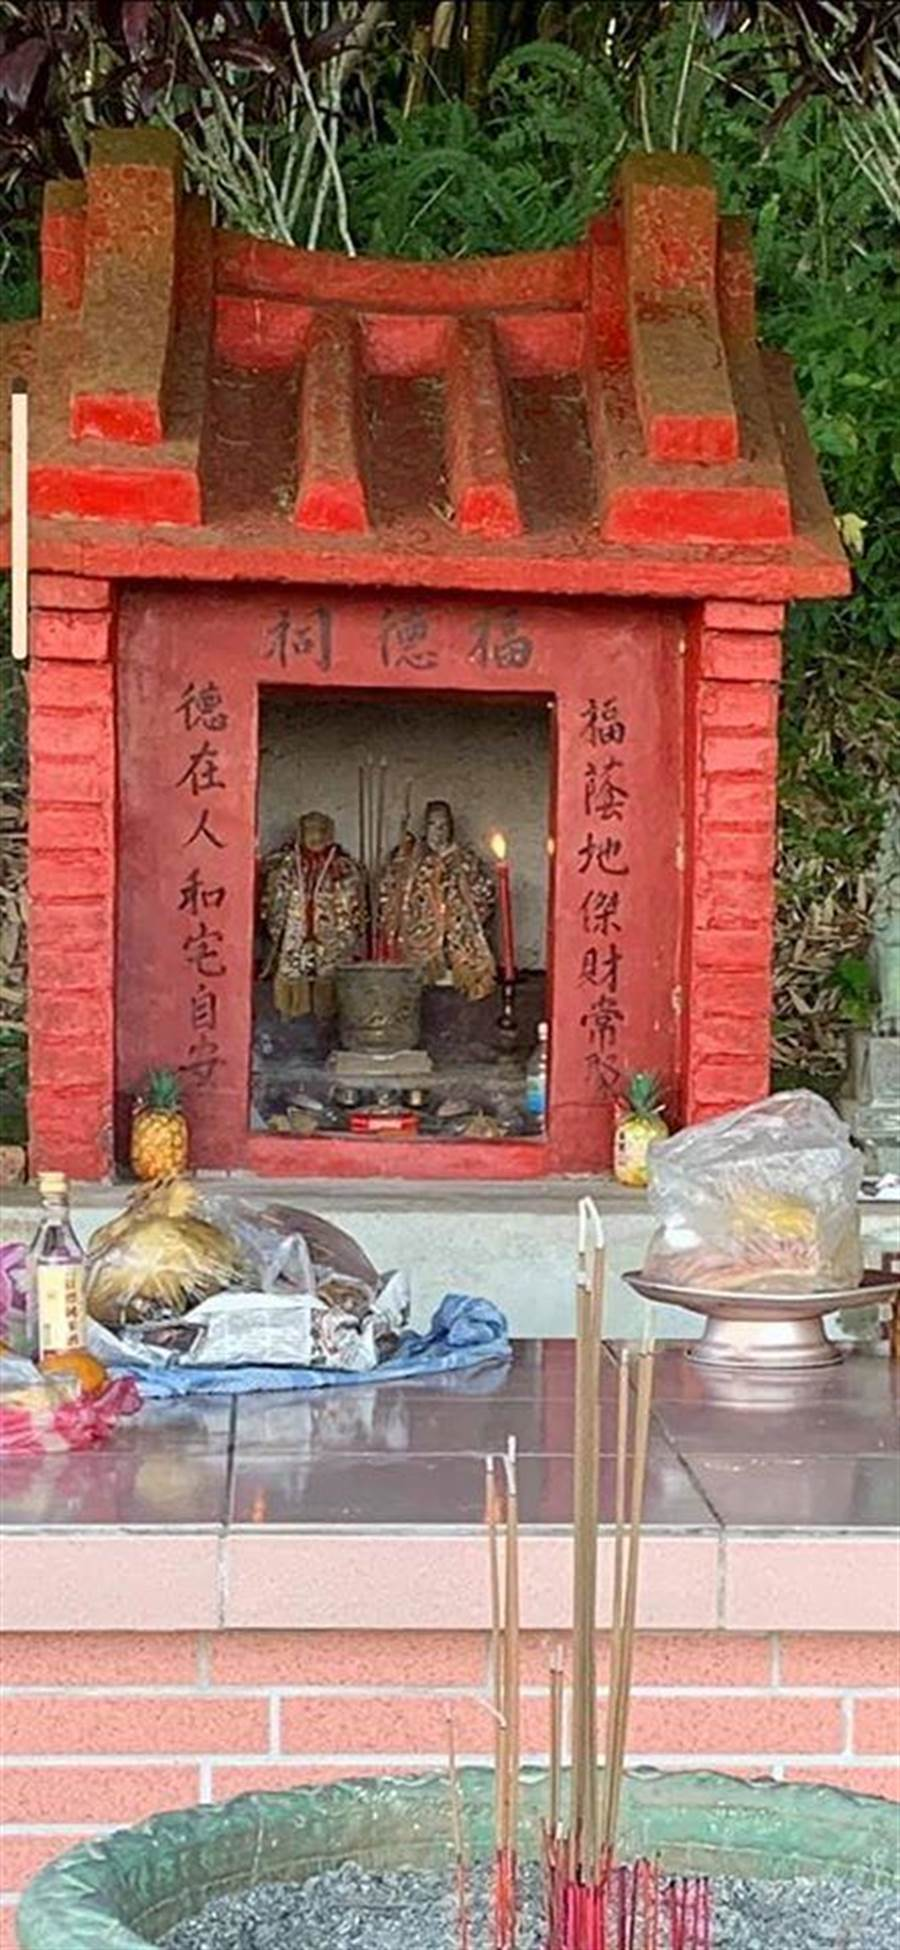 這是村民供奉原來的兩尊土地公婆。(陳姓村民提供/王志偉花蓮傳真)